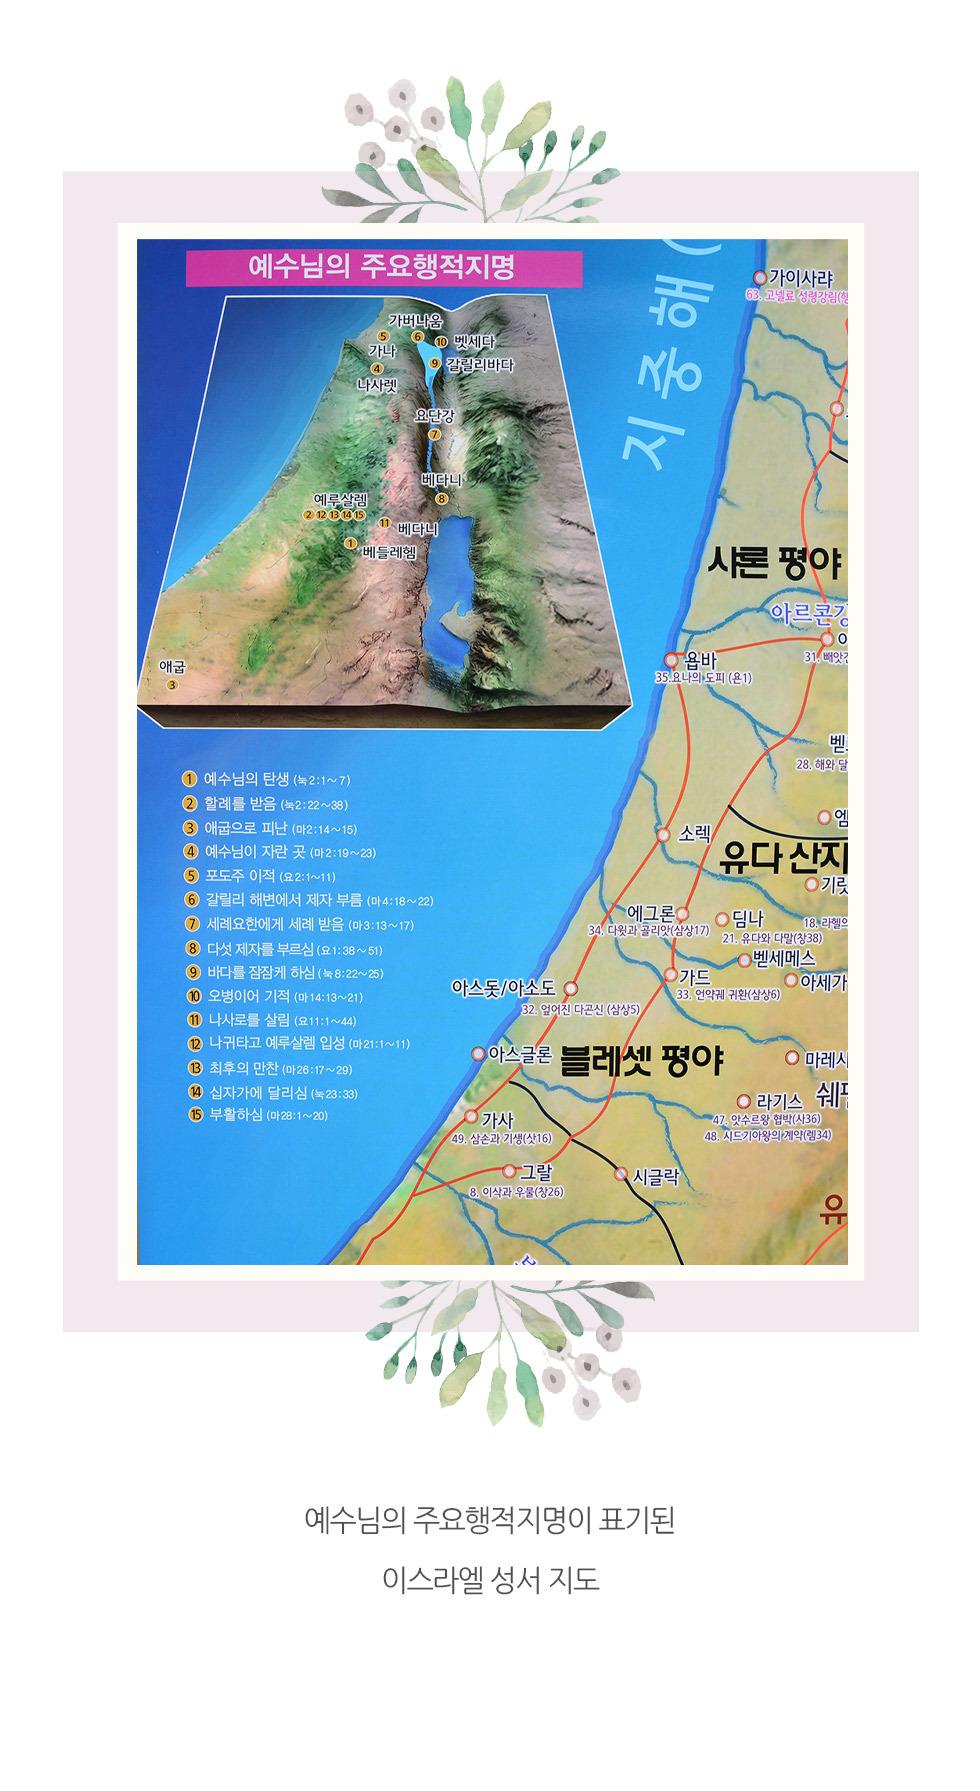 한눈에 보는 이스라엘 성서지도(사건별) - 예수님의 주요 행적지명